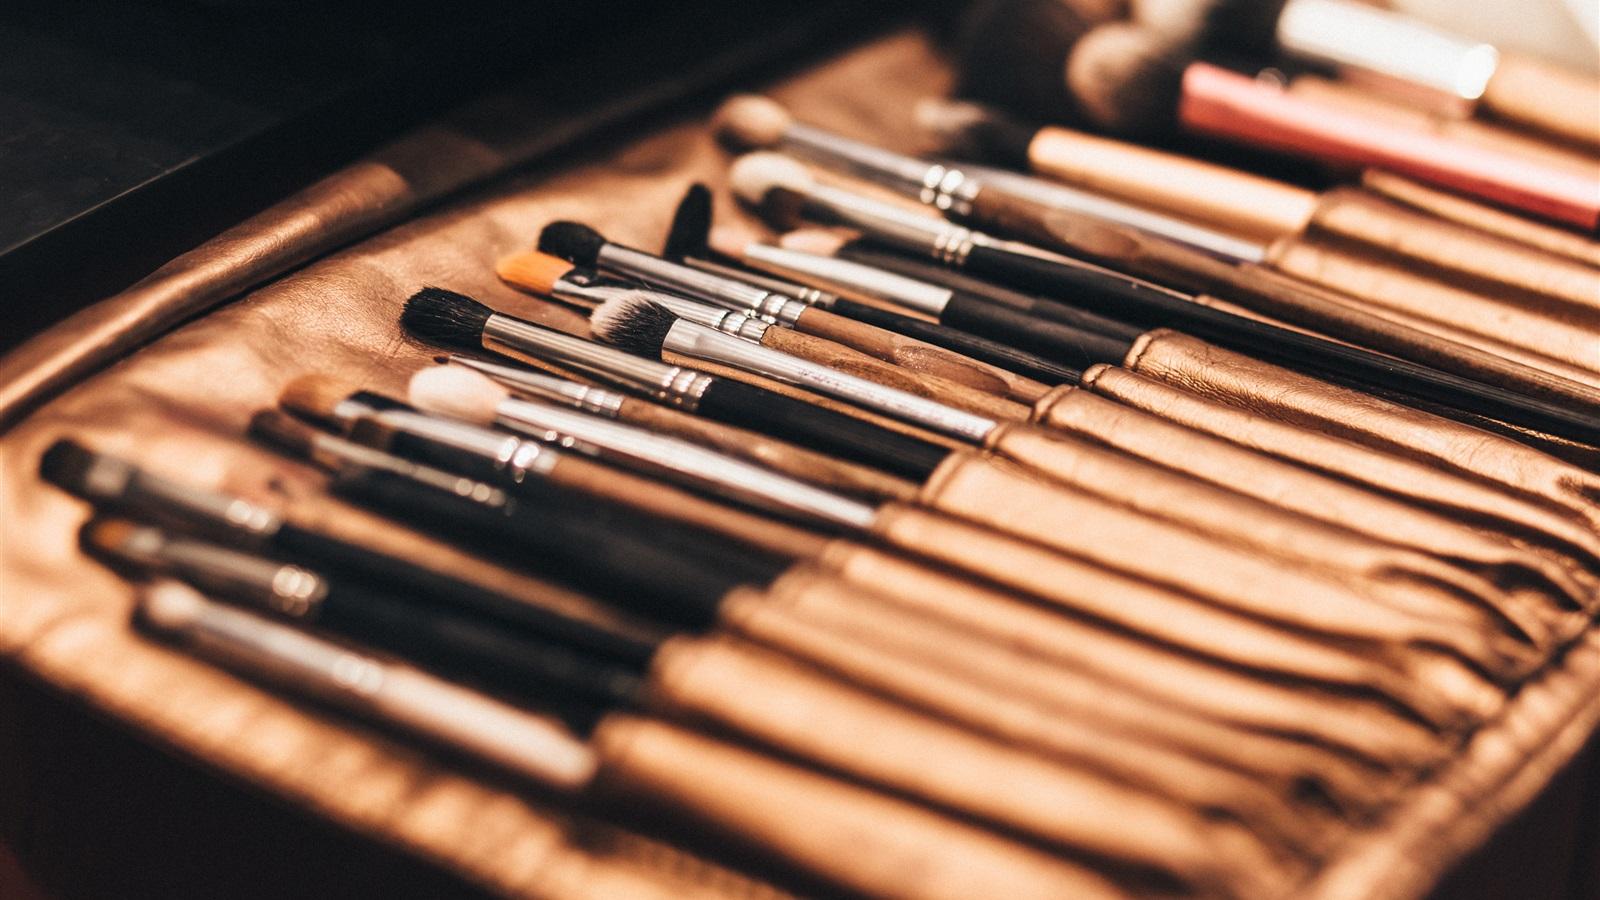 Los cosméticos y su influencia en el mercado